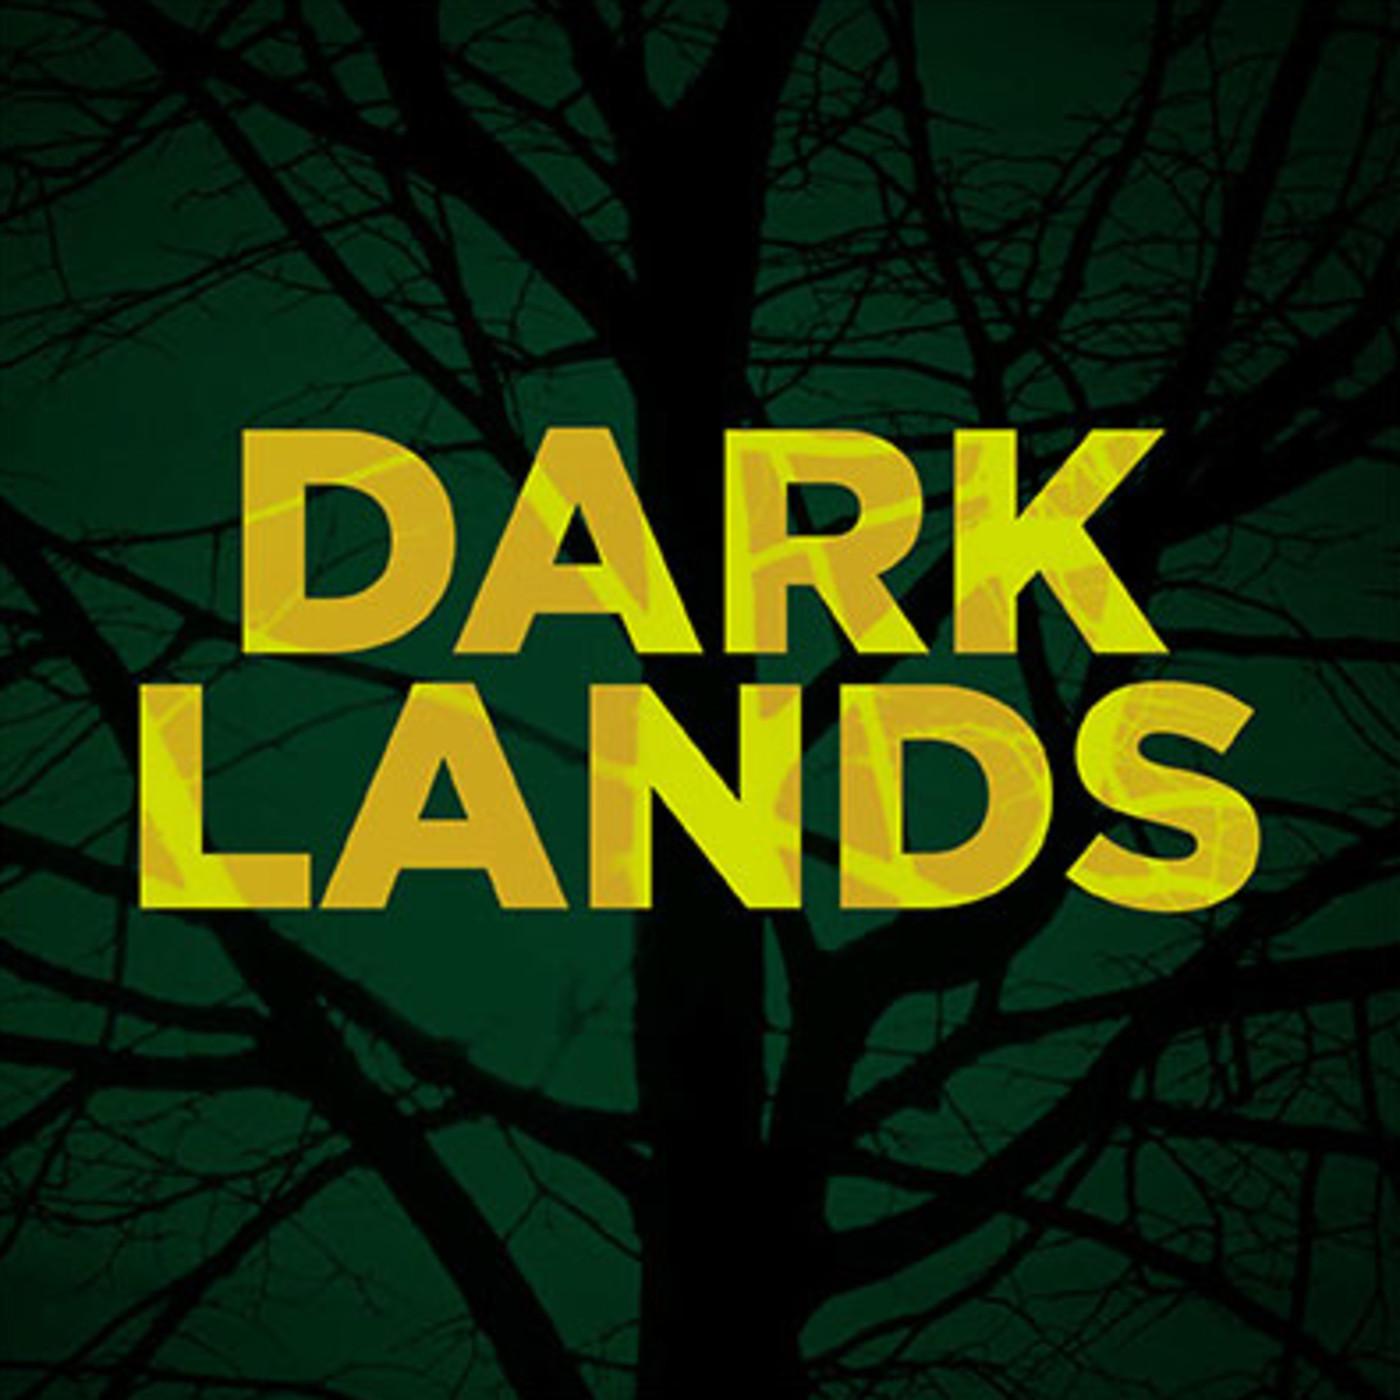 Darkland 2019